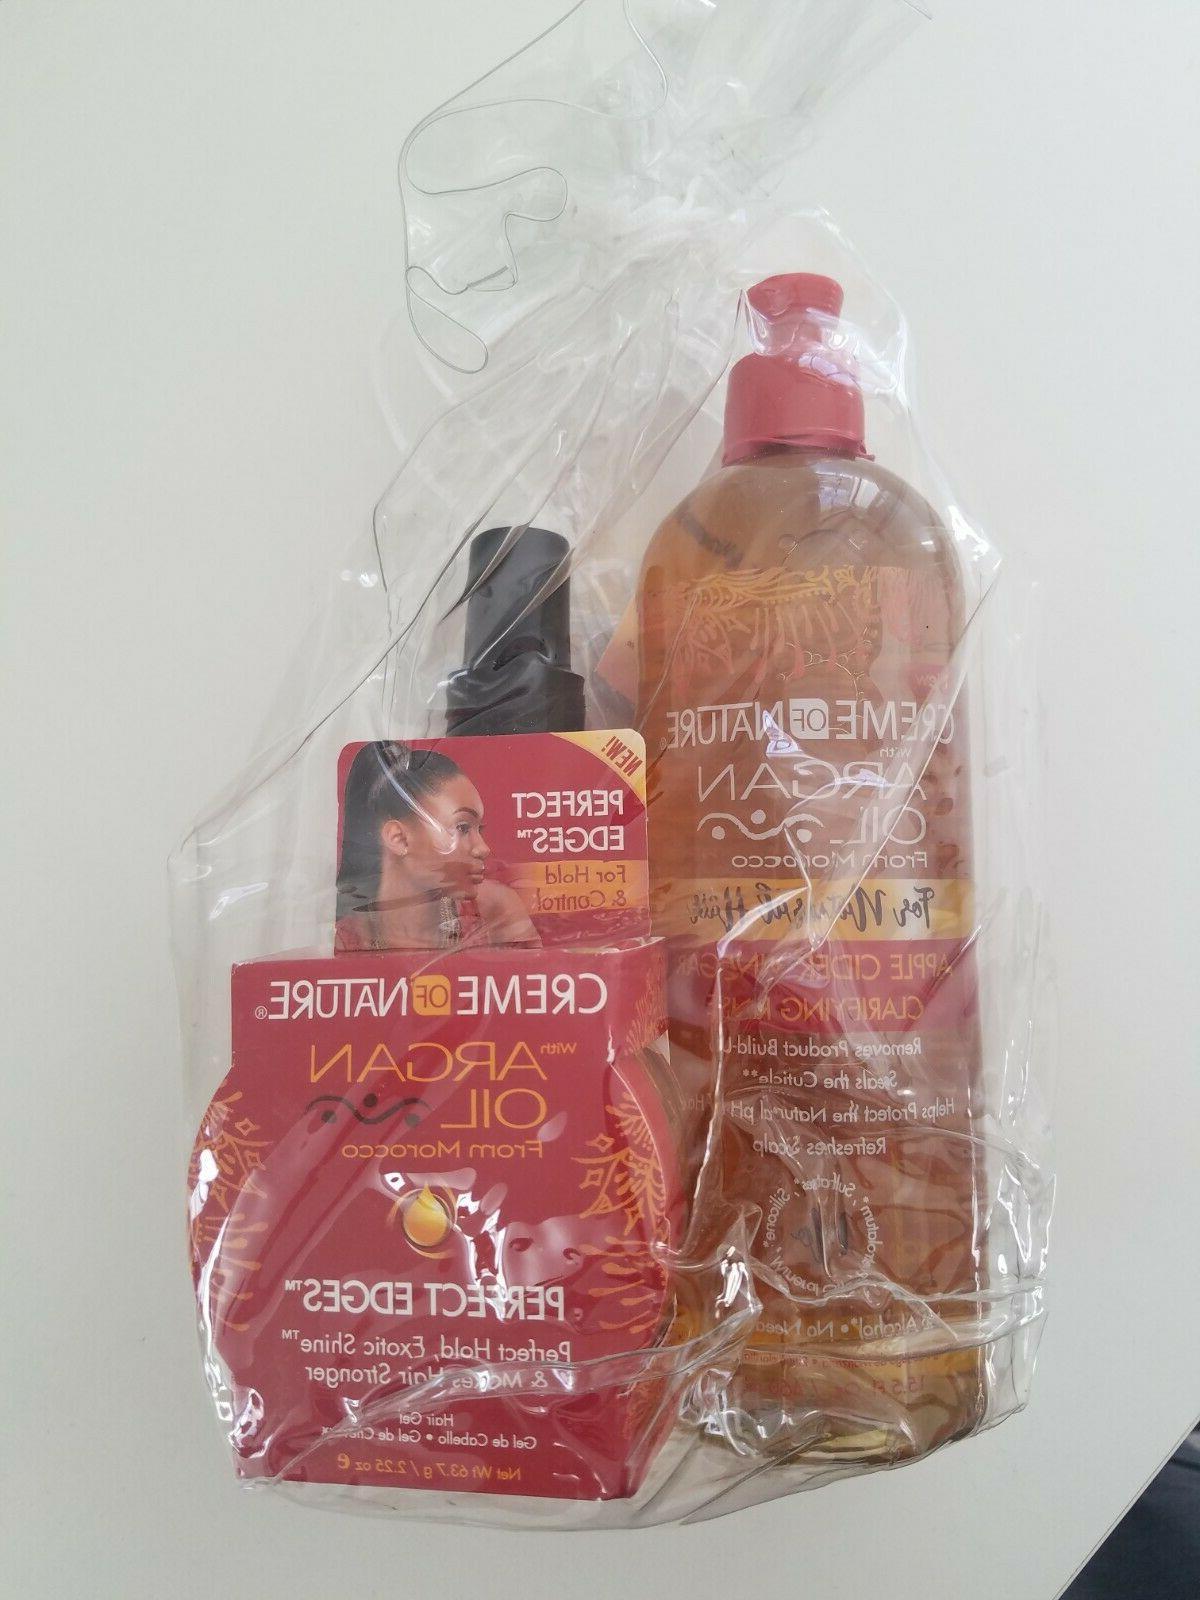 argan oil full set of hair